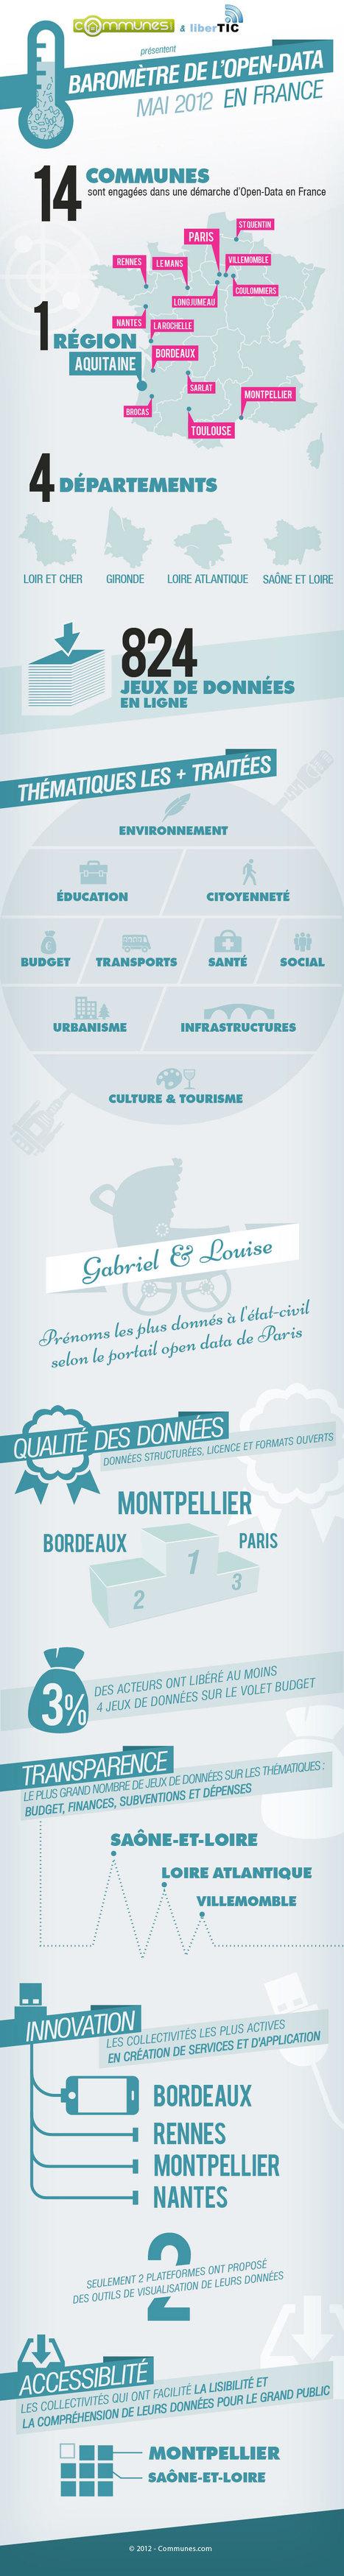 La carte de France de l'open data auquotidien   Pratiques collaboratives et coopération   Scoop.it